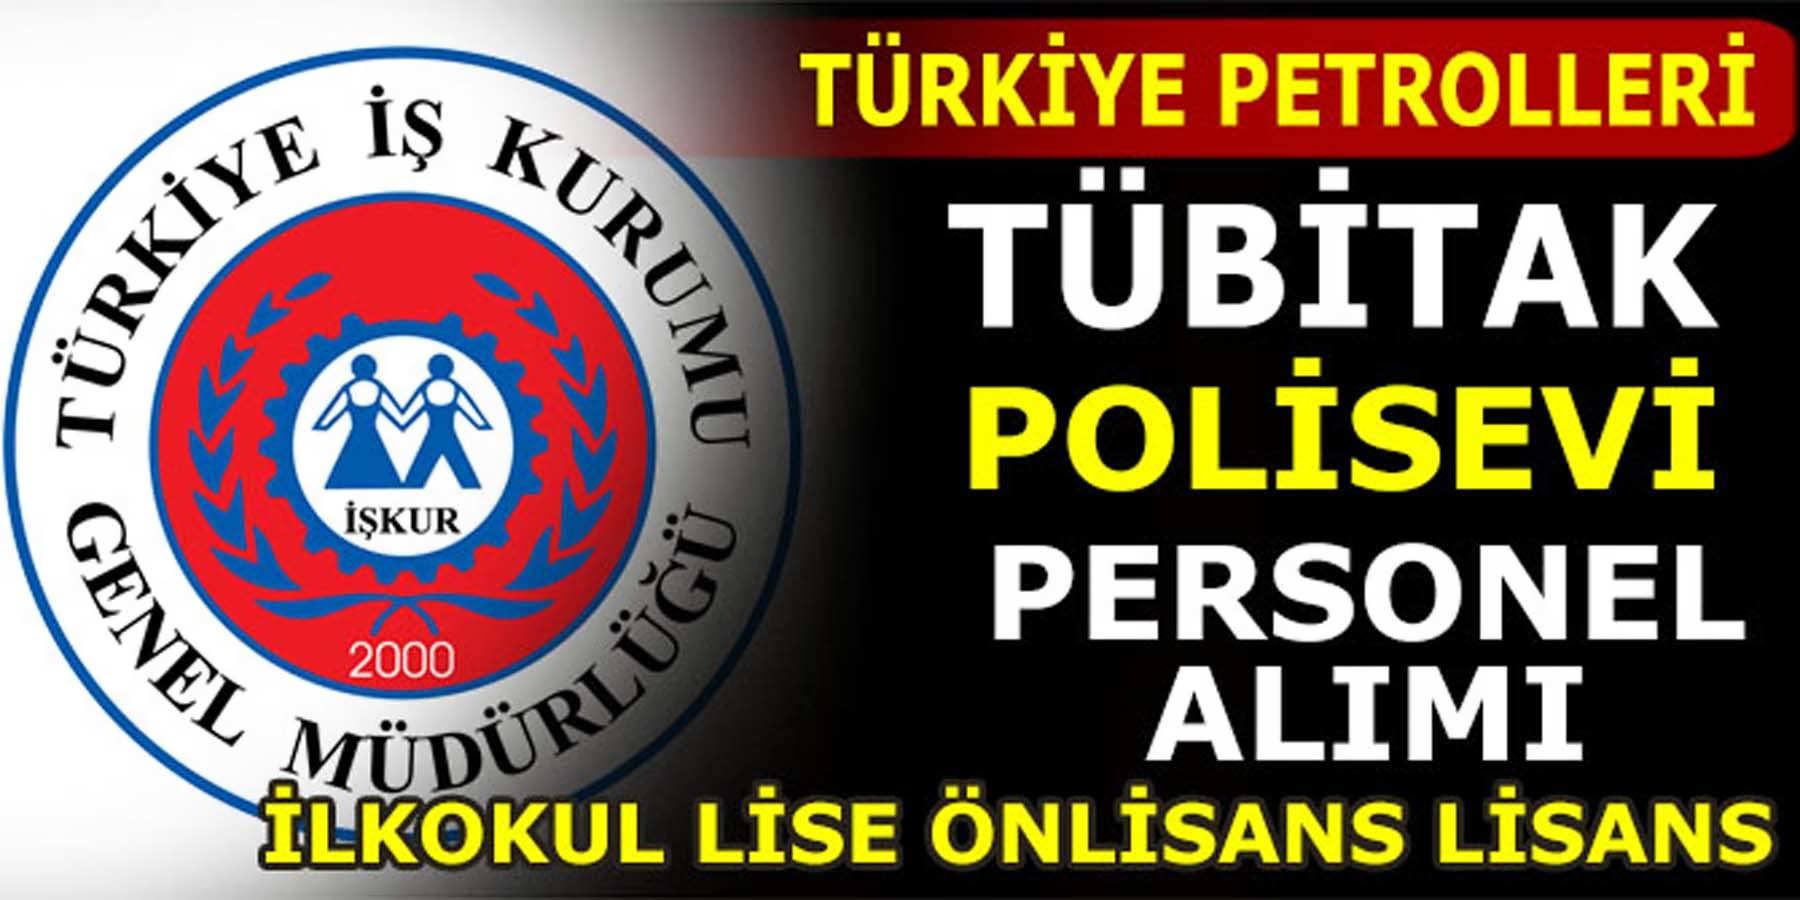 İŞKUR TPO, Polisevi, TÜBİTAK, Belediye Ve Sulama Birliklerine Kamu Personeli Alımı Yayınladı